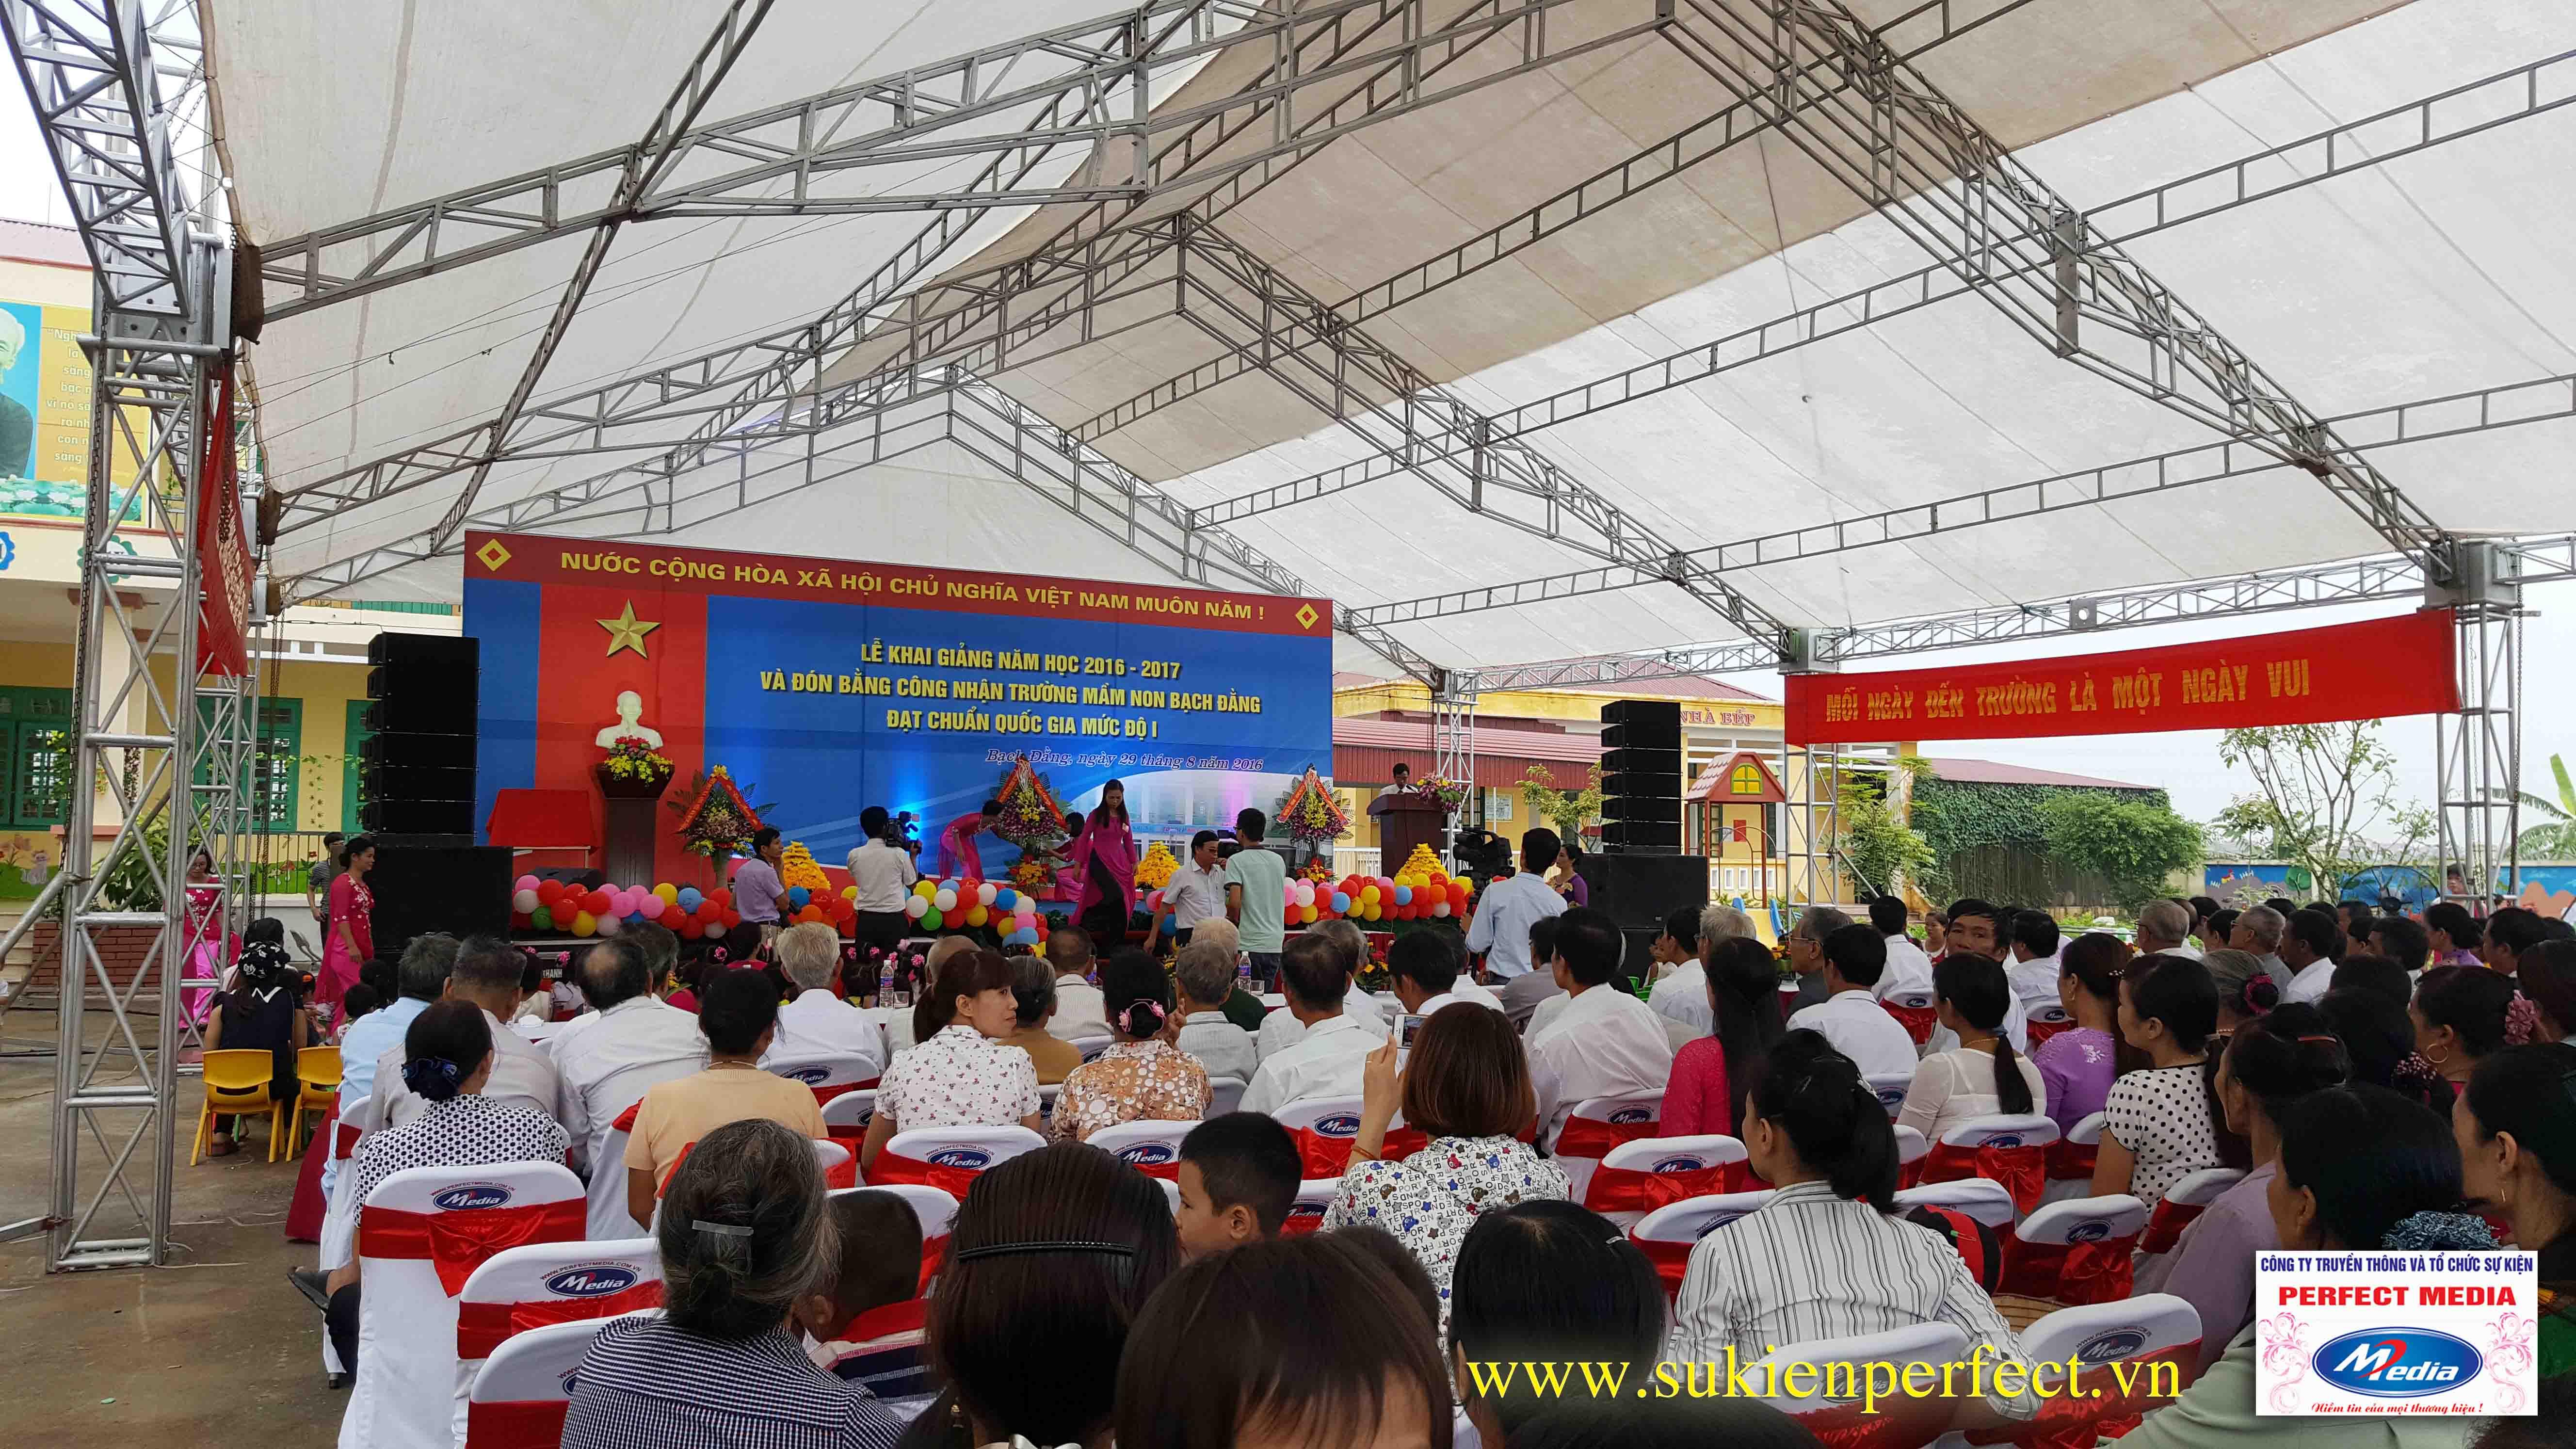 Lễ khai giảng năm học 2016 - 2017 của trường mầm non Bạch Đằng - Kinh Môn 07